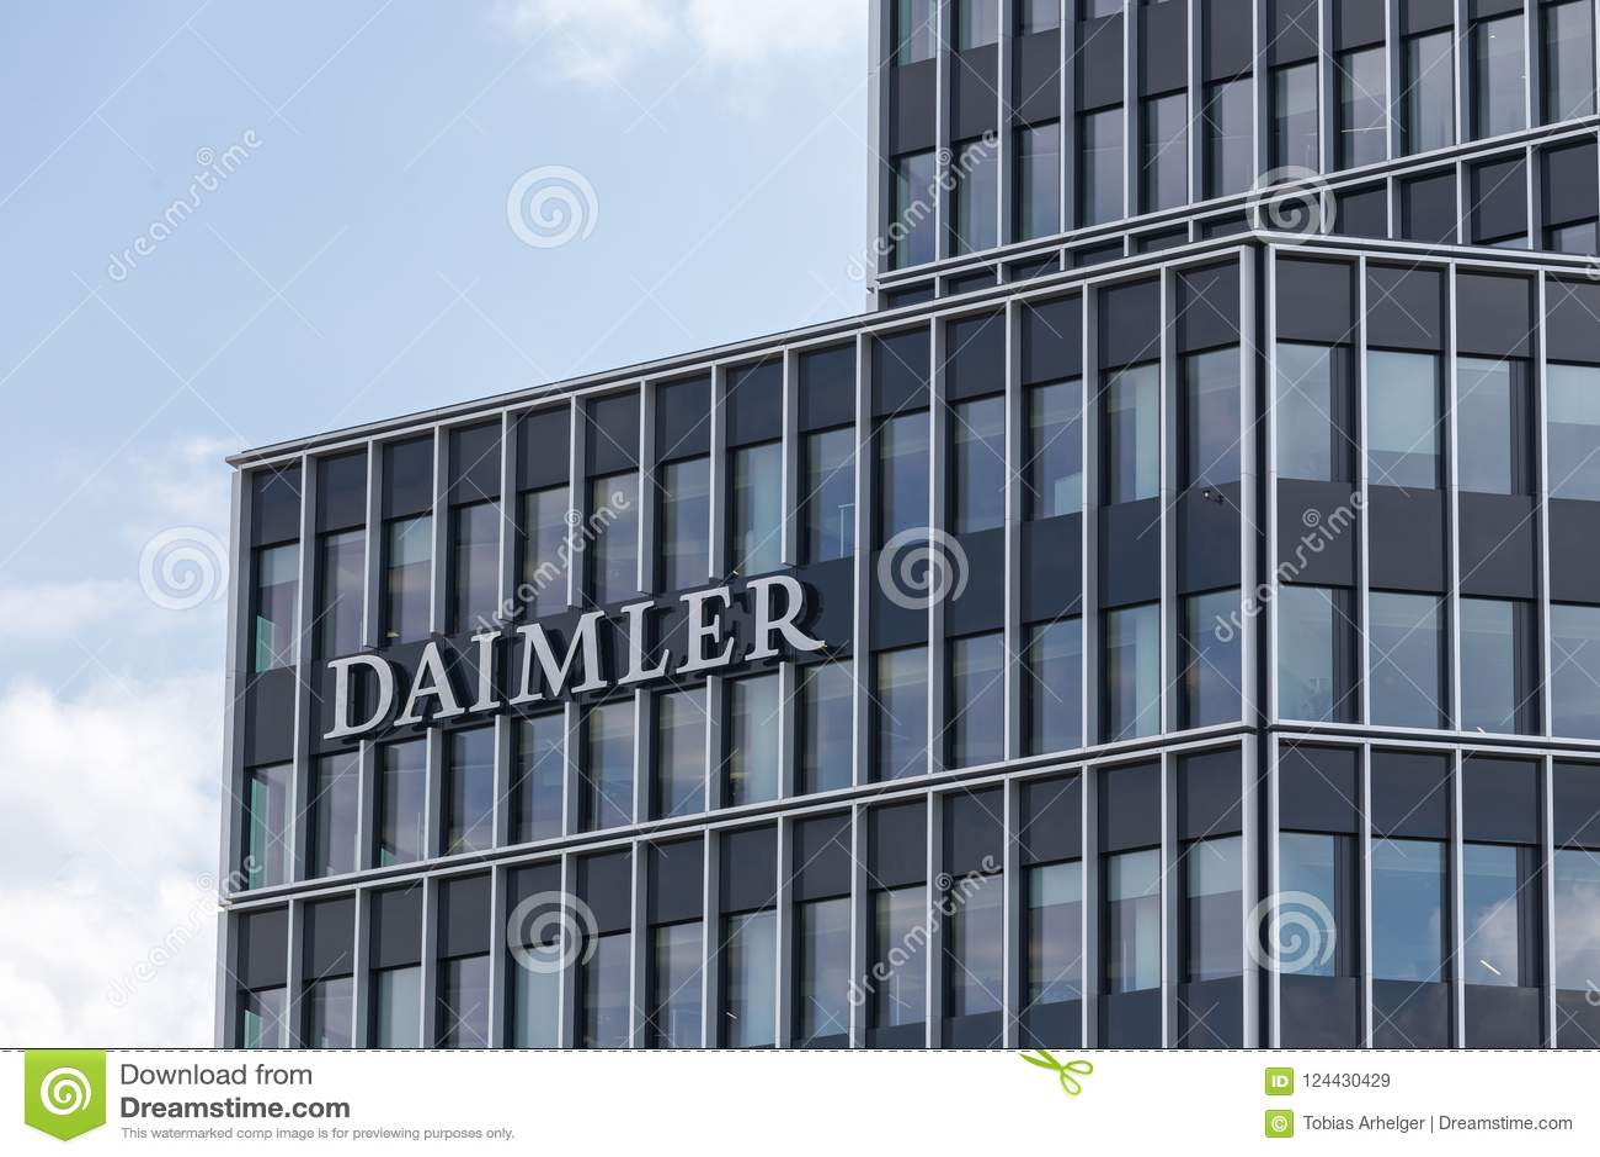 Stuttgart, Baden-Wurttemberg/Deutschland - 21 08 18: daimler zentrale Fabrik Stuttgart Deutschland